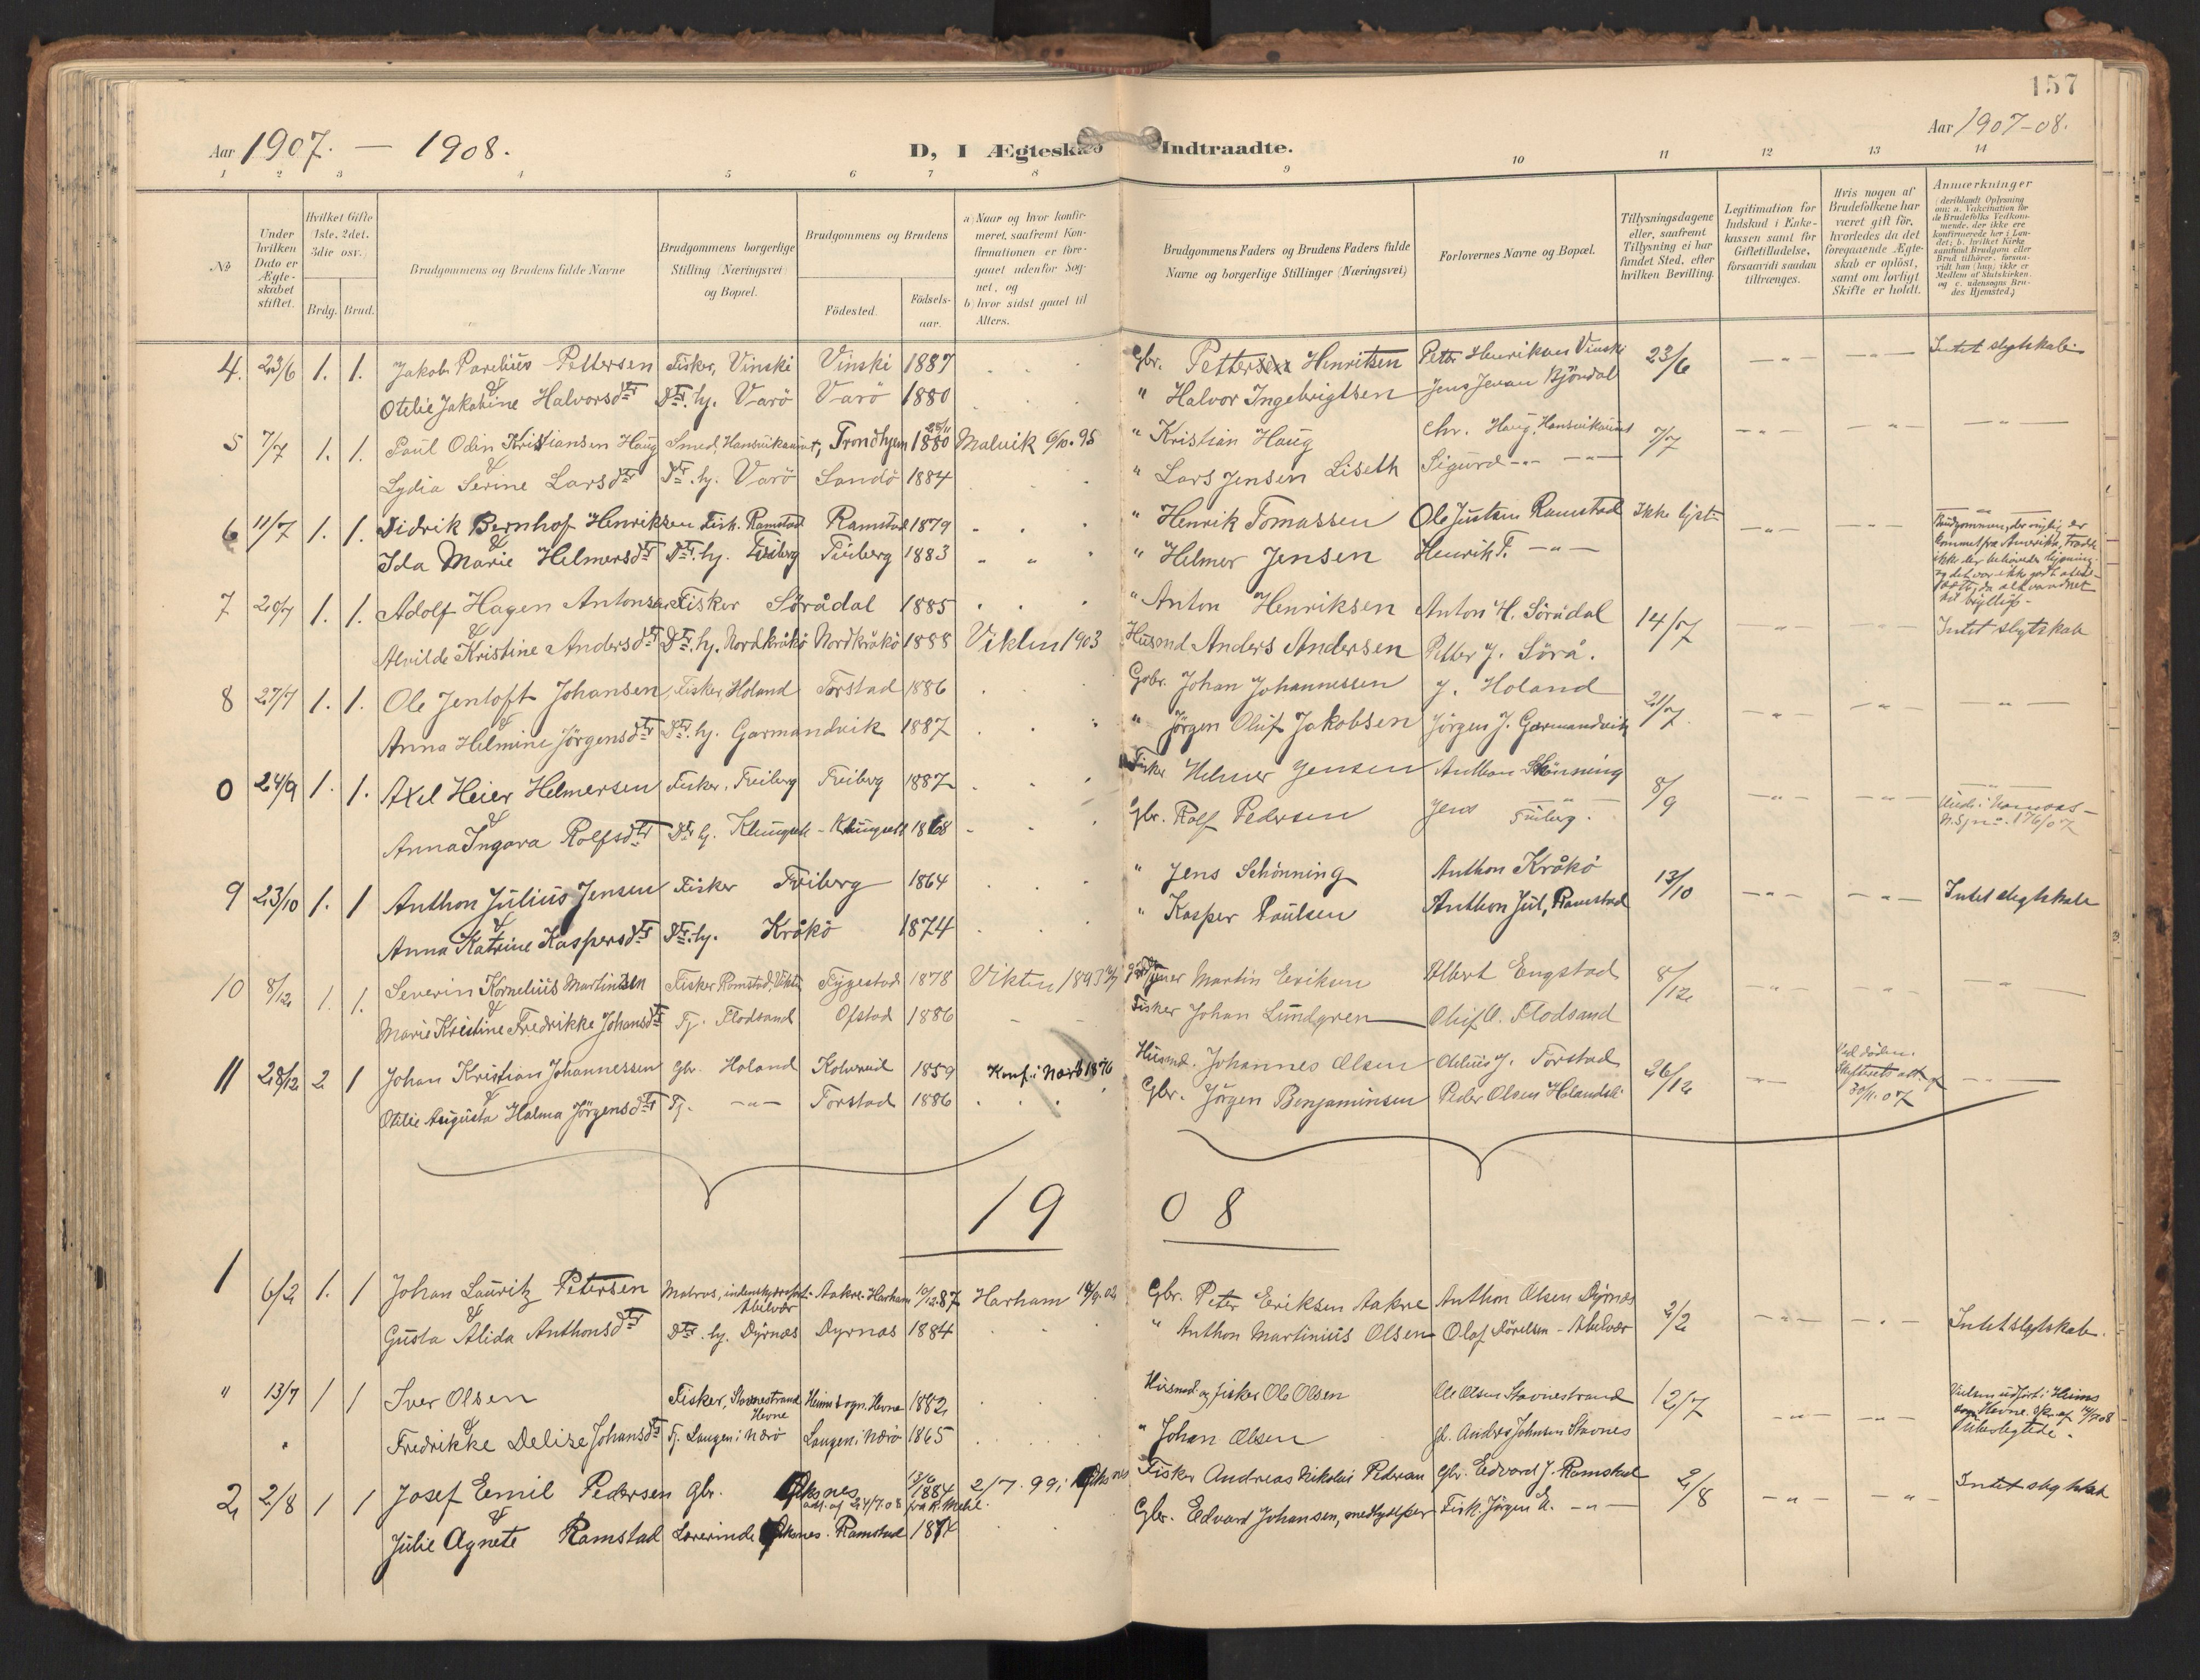 SAT, Ministerialprotokoller, klokkerbøker og fødselsregistre - Nord-Trøndelag, 784/L0677: Ministerialbok nr. 784A12, 1900-1920, s. 157